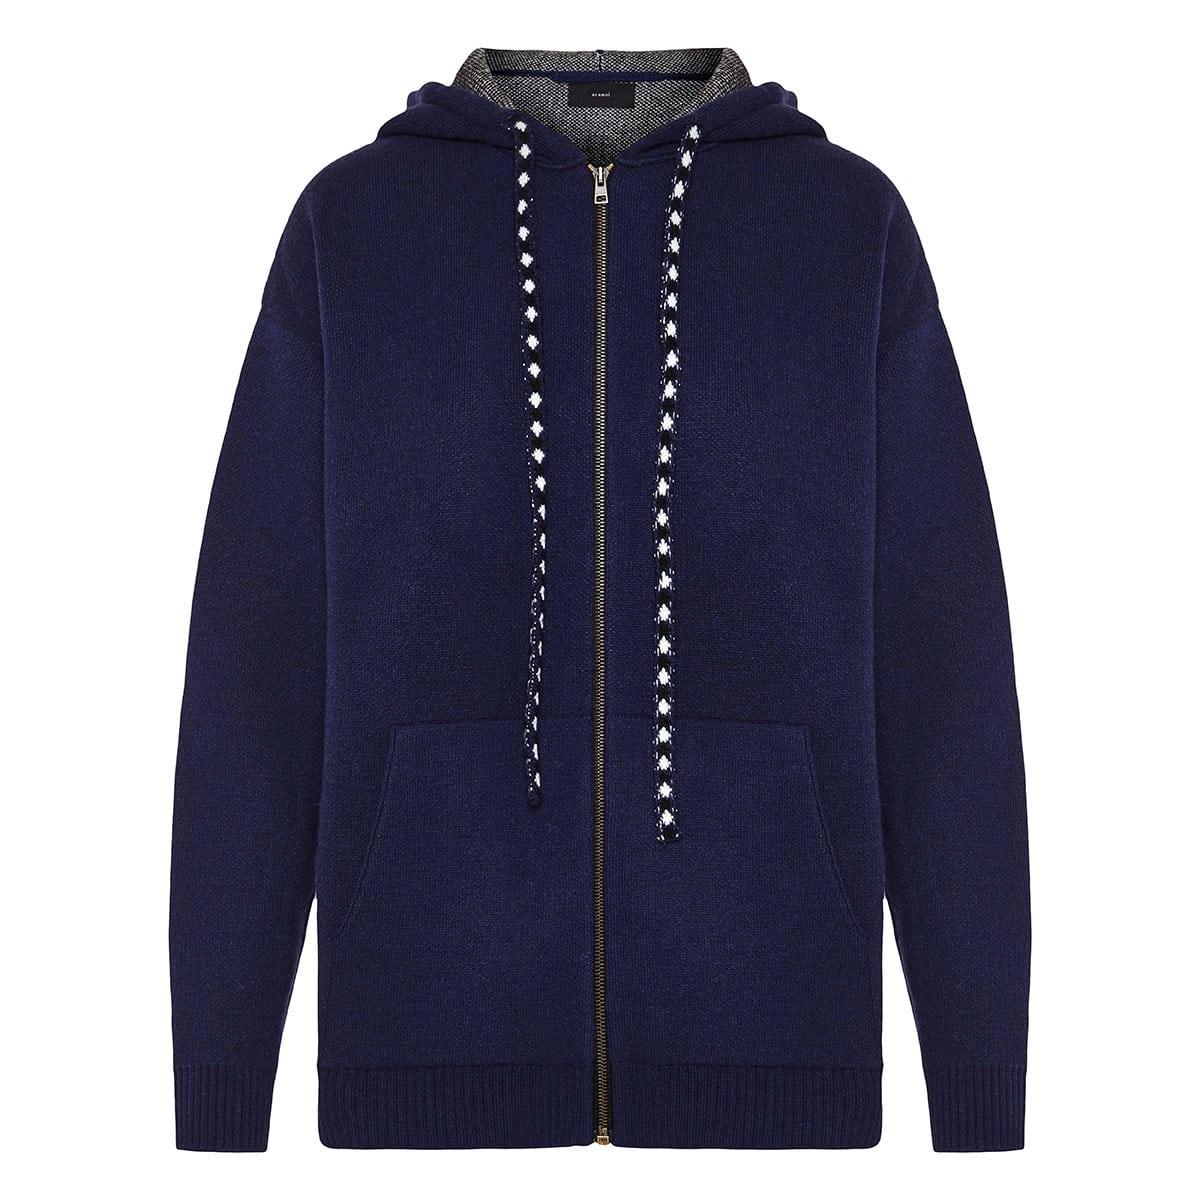 Bandana knitted zipper hoodie